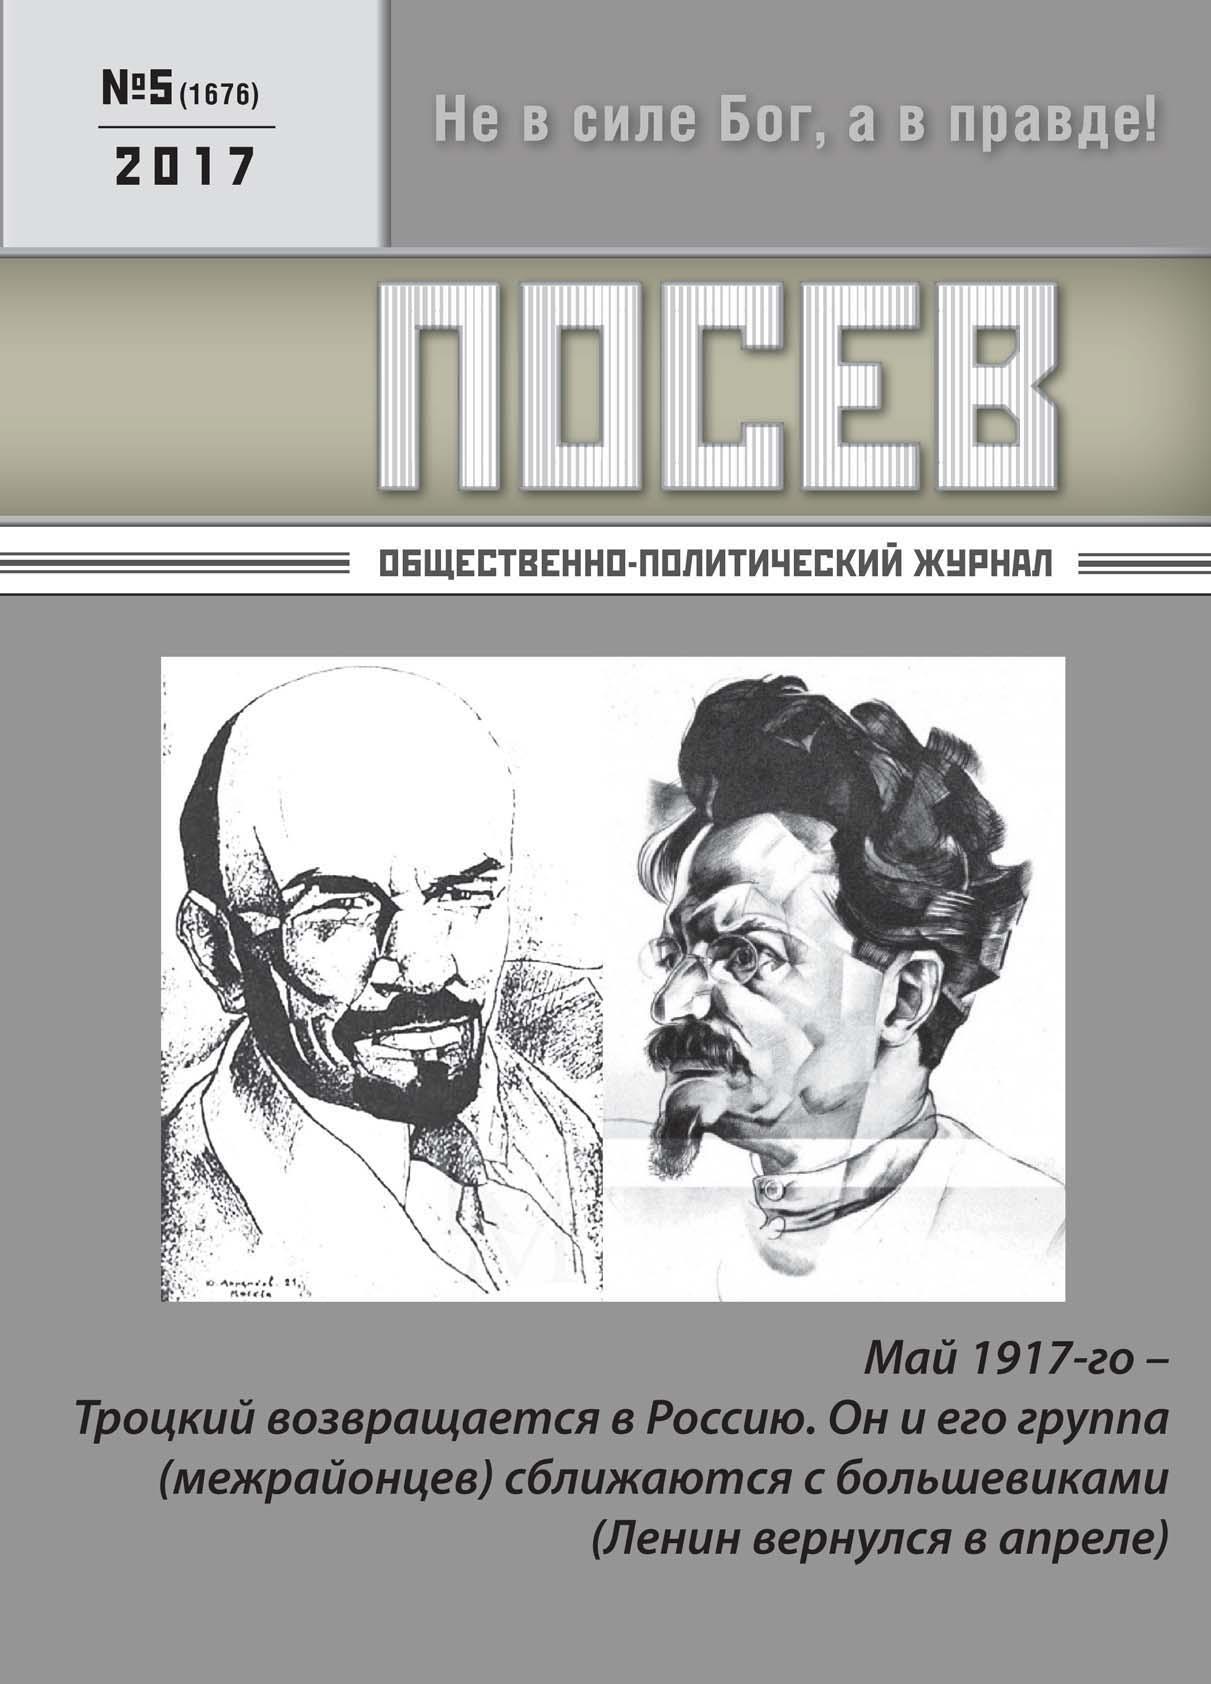 Посев. Общественно-политический журнал. № 05/2017